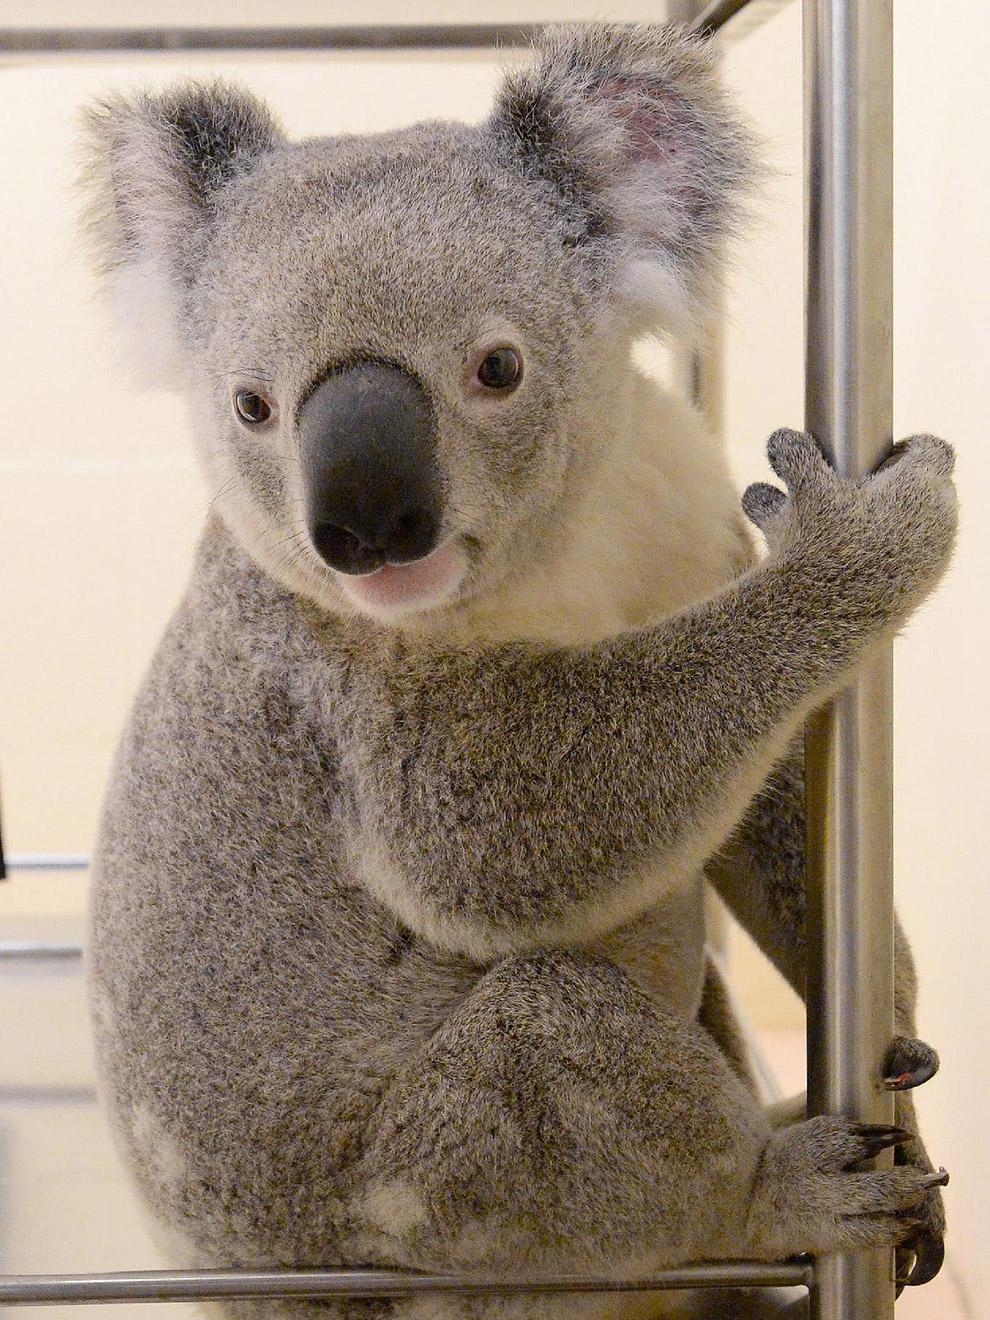 Этот коала прицепился к дну автомобиля и чудом выжил на оживленной австралийской автостраде после 88-километрового путешествия